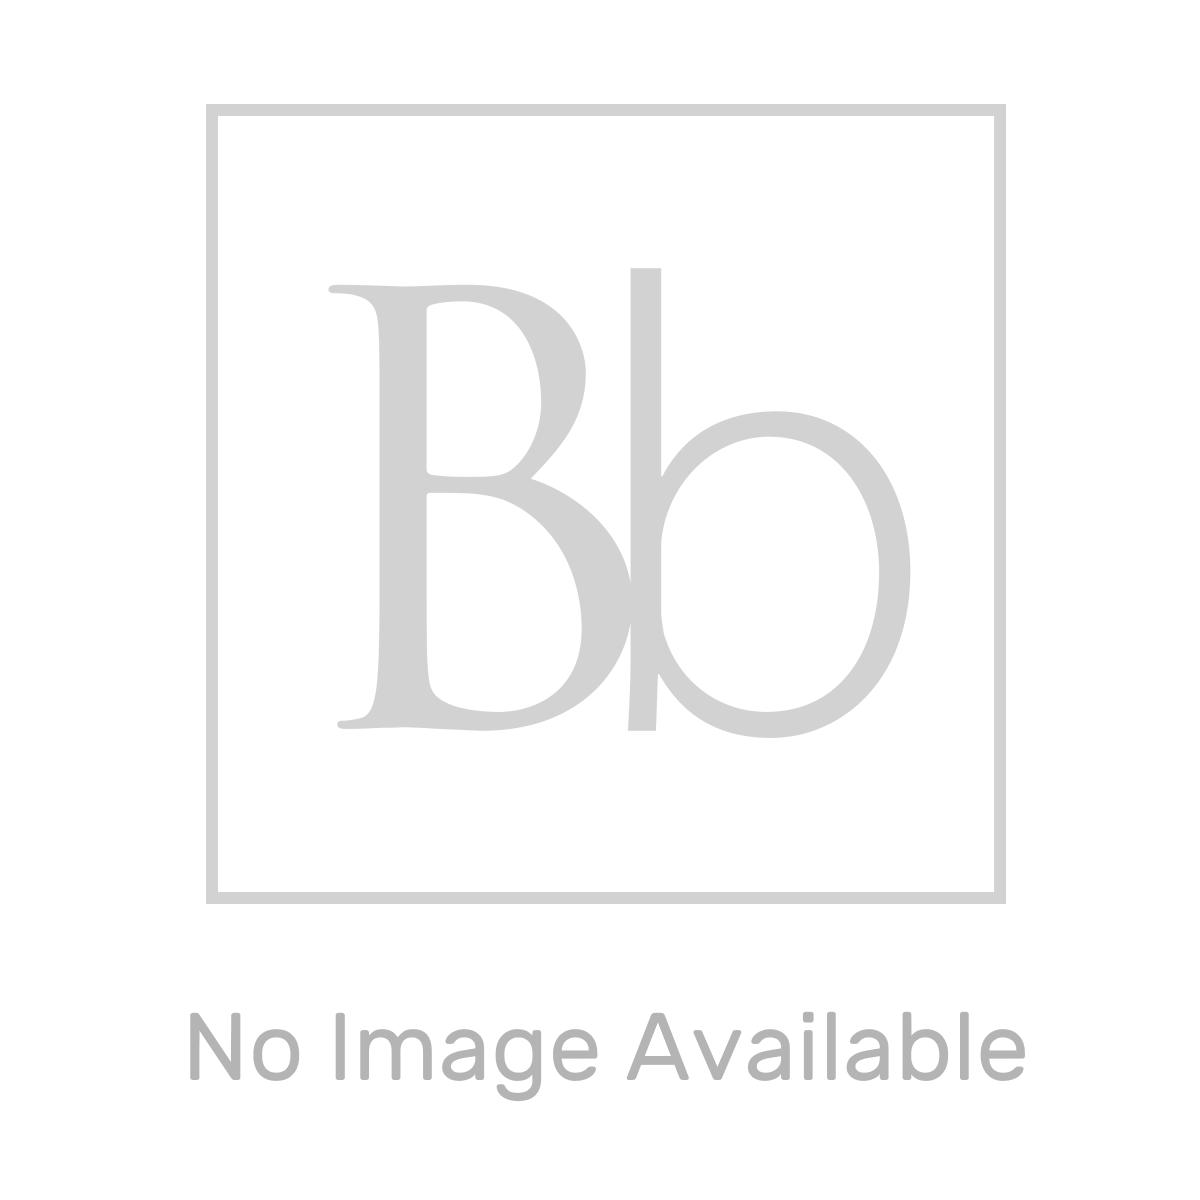 RAK Moon Illuminated LED Mirror 600 x 800mm